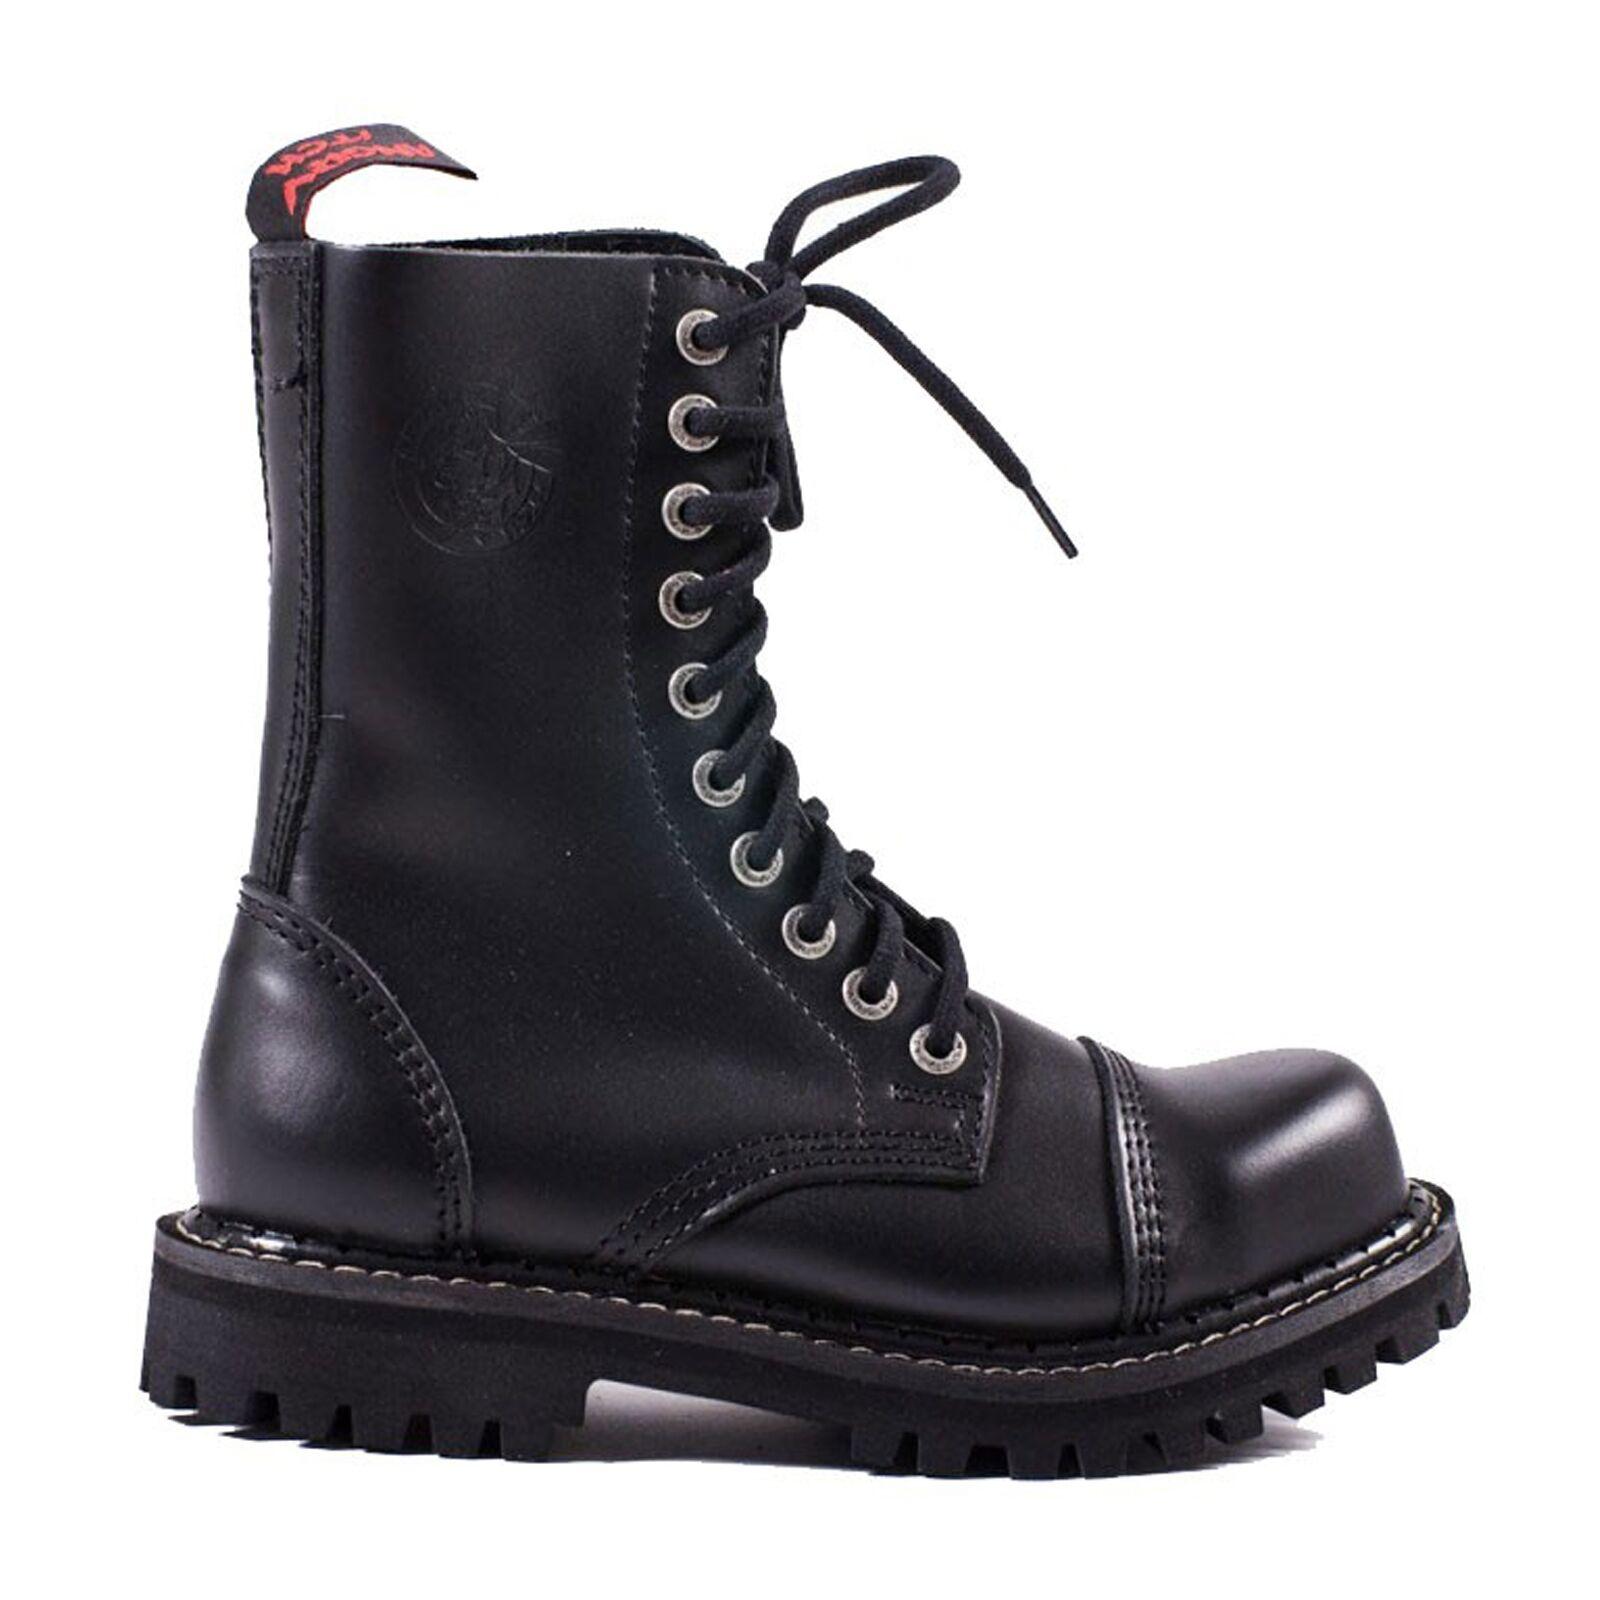 Grandes zapatos con descuento Angry Itch - 10 ojales Botas RANGERS NEGRO FABRICADO EN LA UE Cuero Auténtico